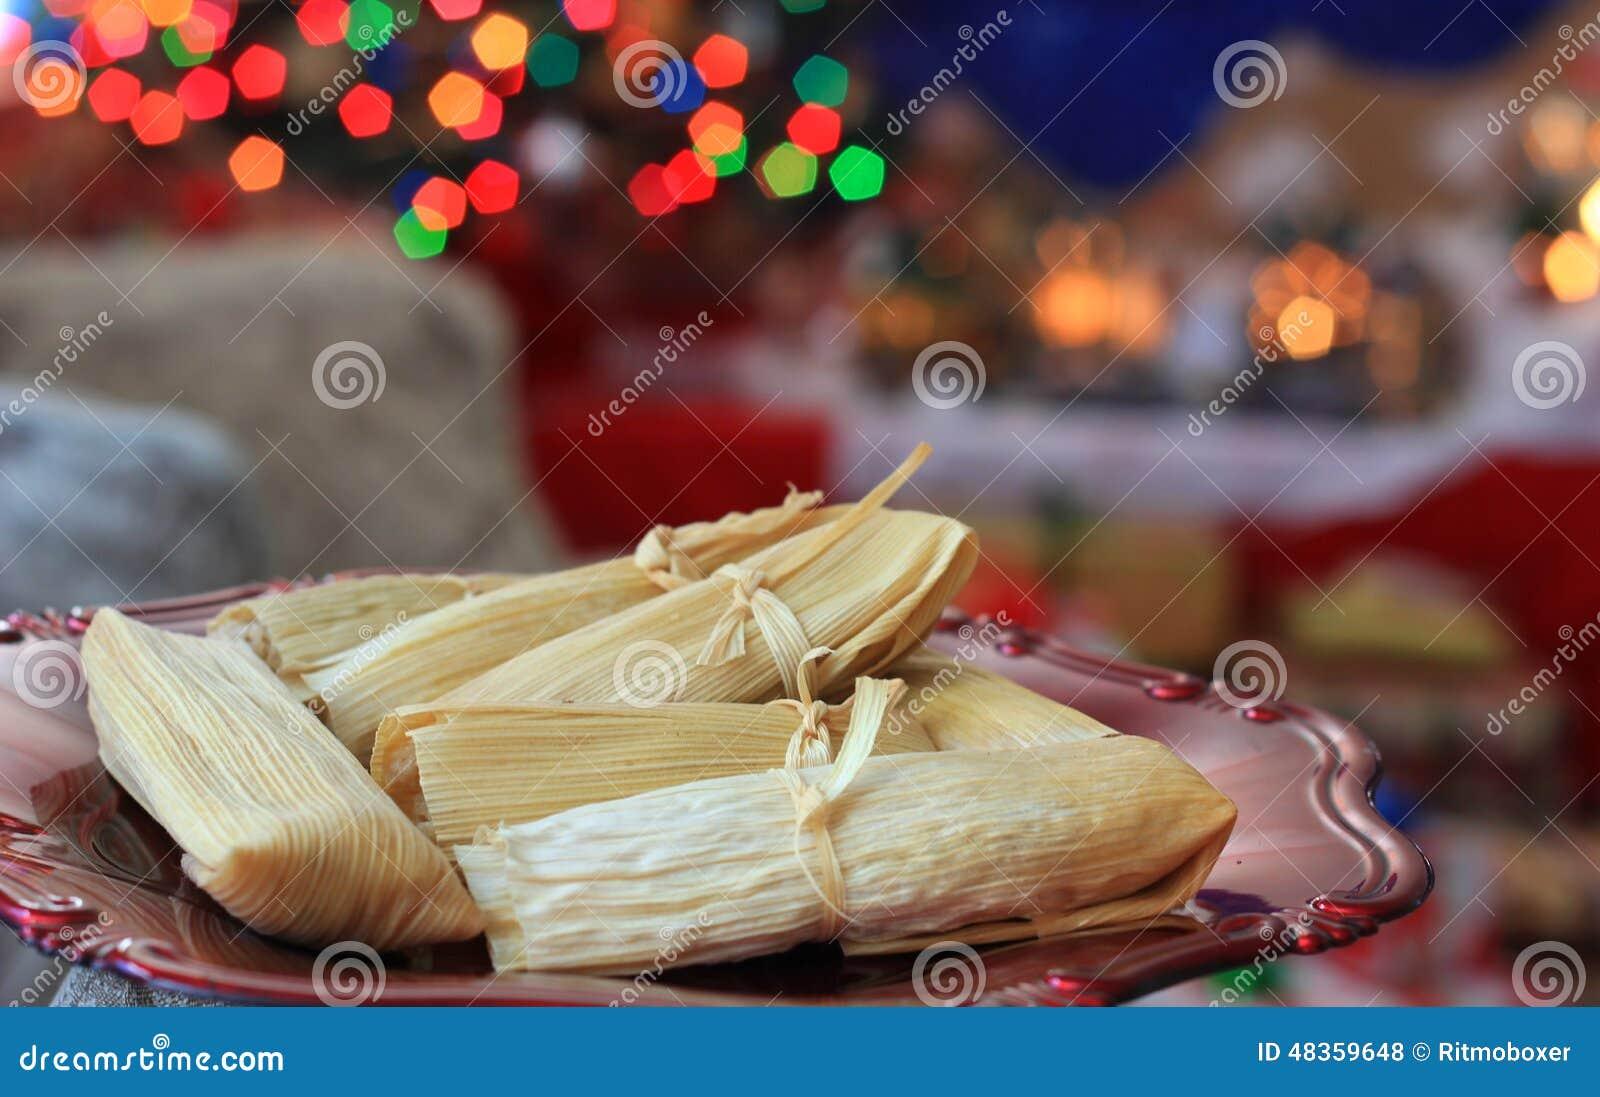 Tamales hechos en casa de la navidad foto de archivo - La casa de la navidad ...